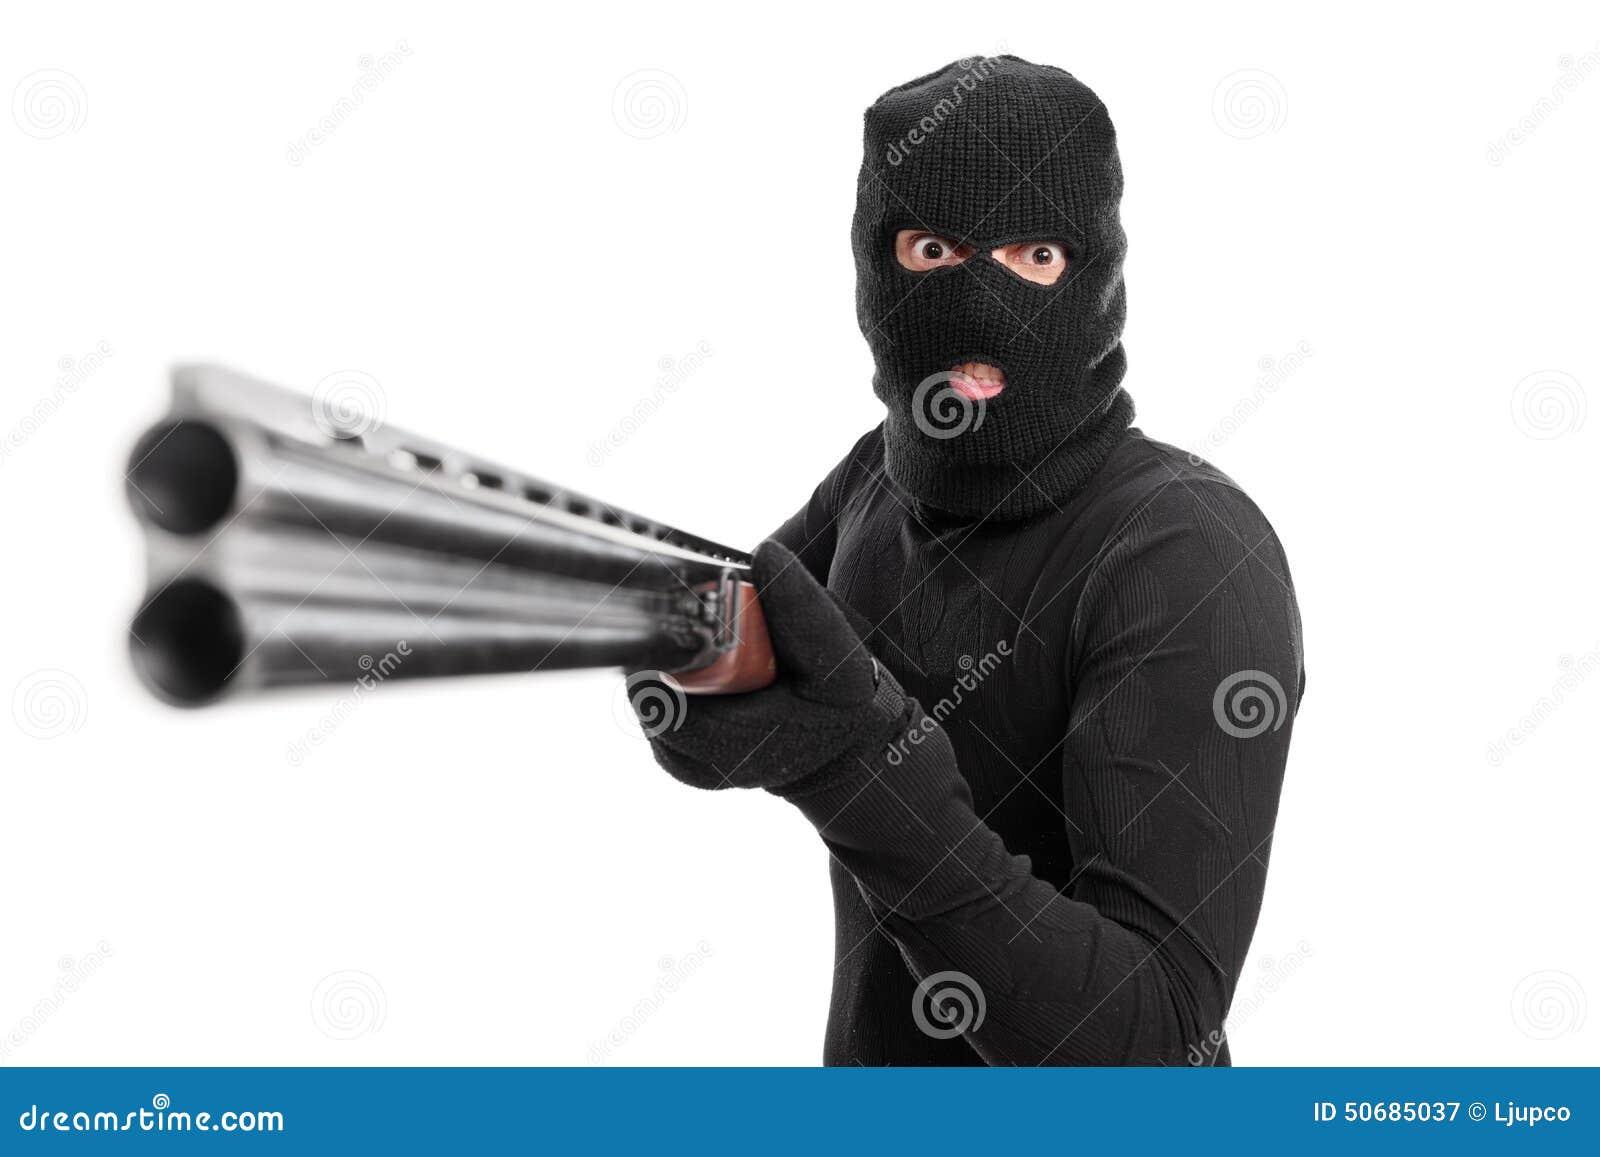 Download 把猎枪指向的恼怒的罪犯照相机 库存图片. 图片 包括有 紧张, 危险, 步枪, 摆在, 成人, 背包, 射击 - 50685037